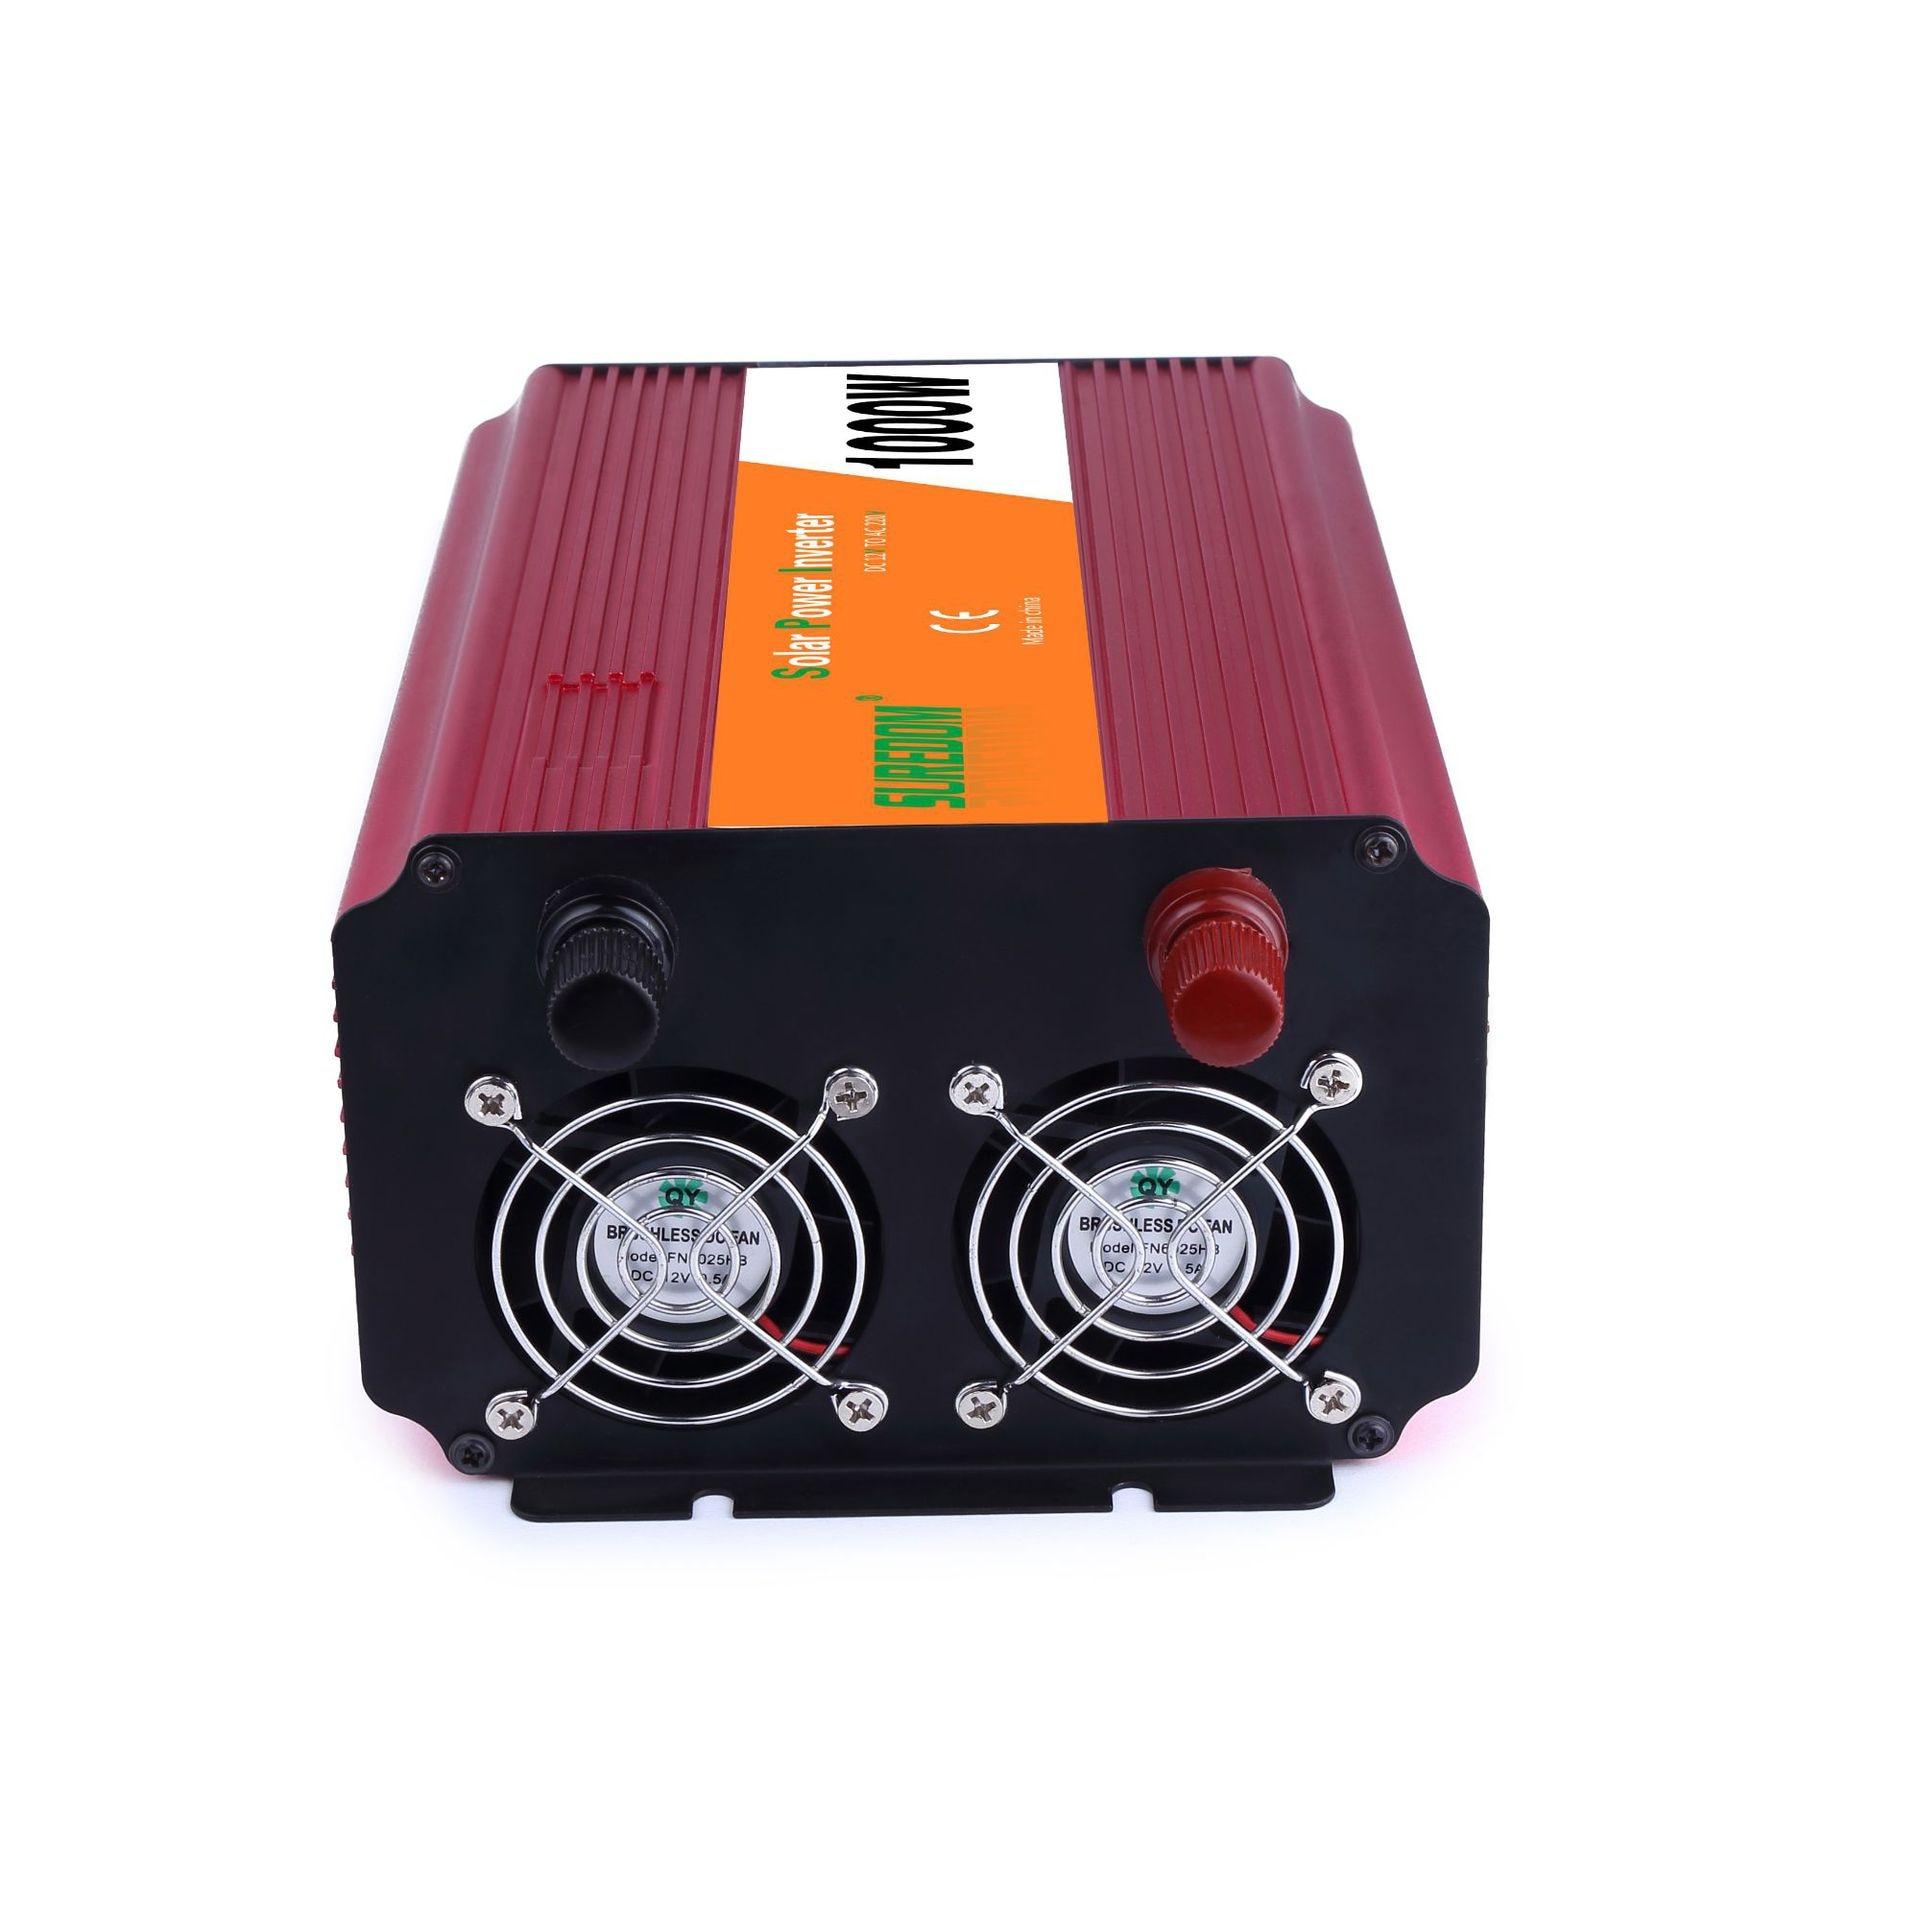 Напряжение переменного тока 110 В/100 В до 220 В трансформатор с защитой от выключателя компактный дизайн только 750 г - 5